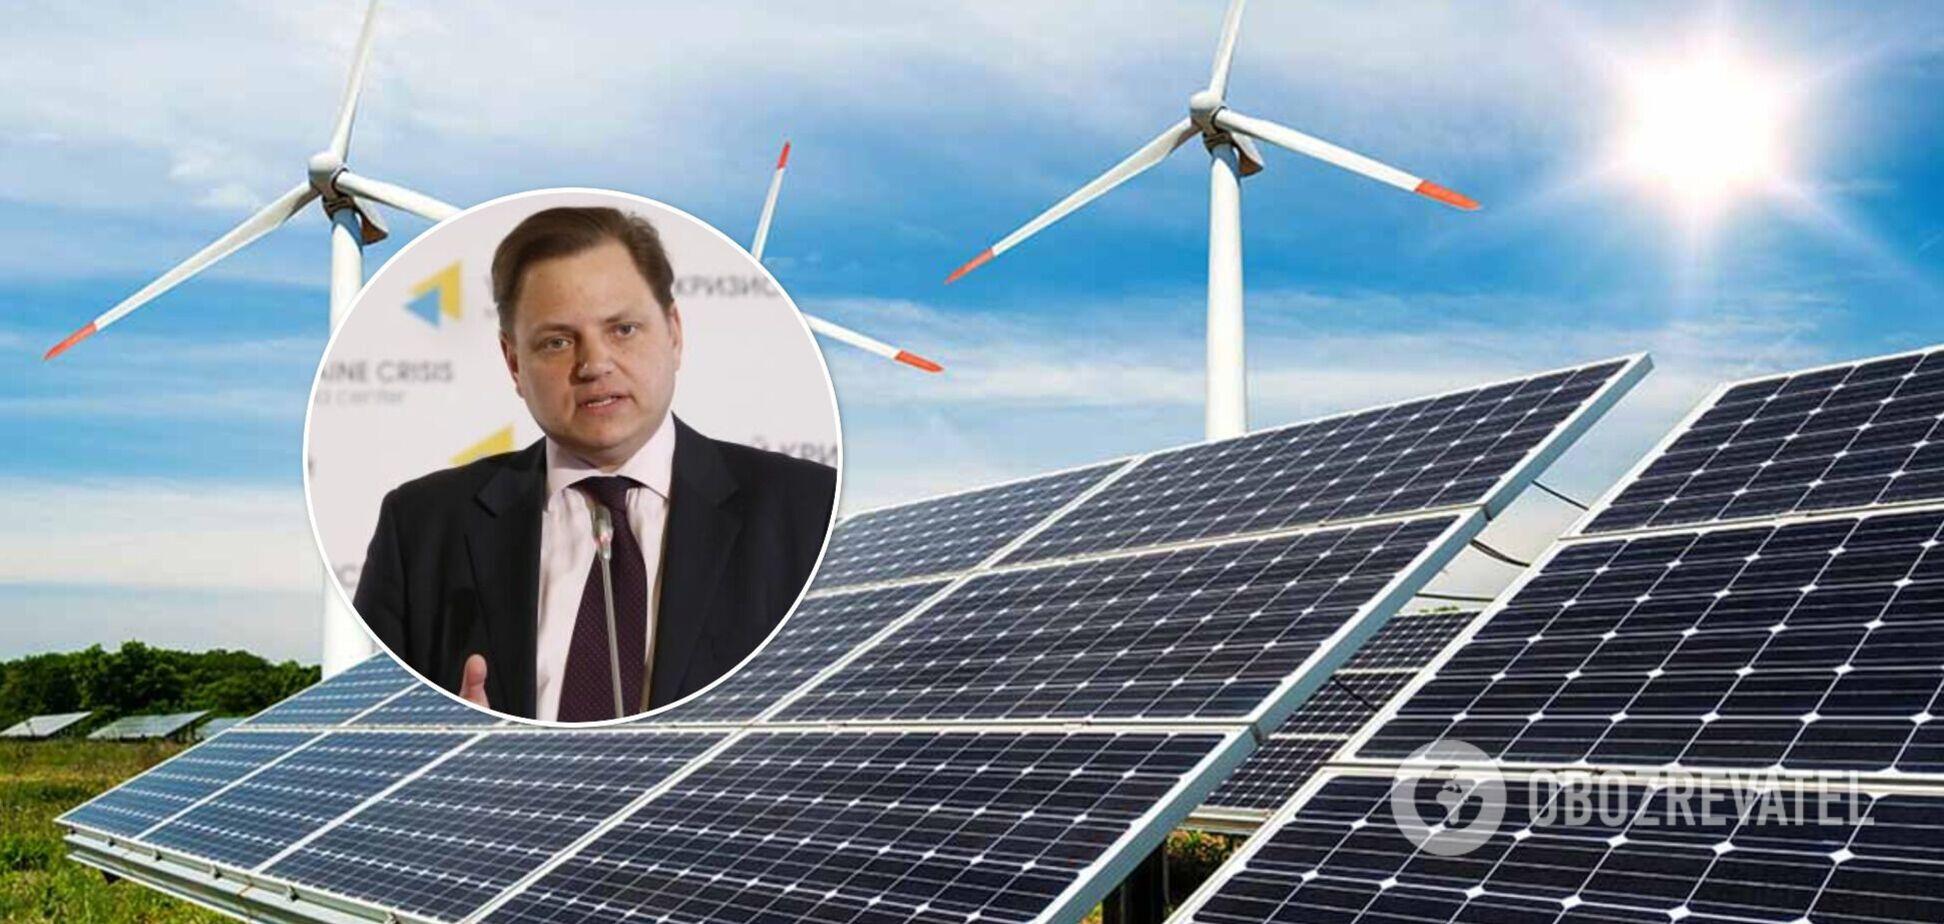 Відмова України від власних гарантій у'зеленій' енергетиці критично шкодить державі – Американська торгова палата